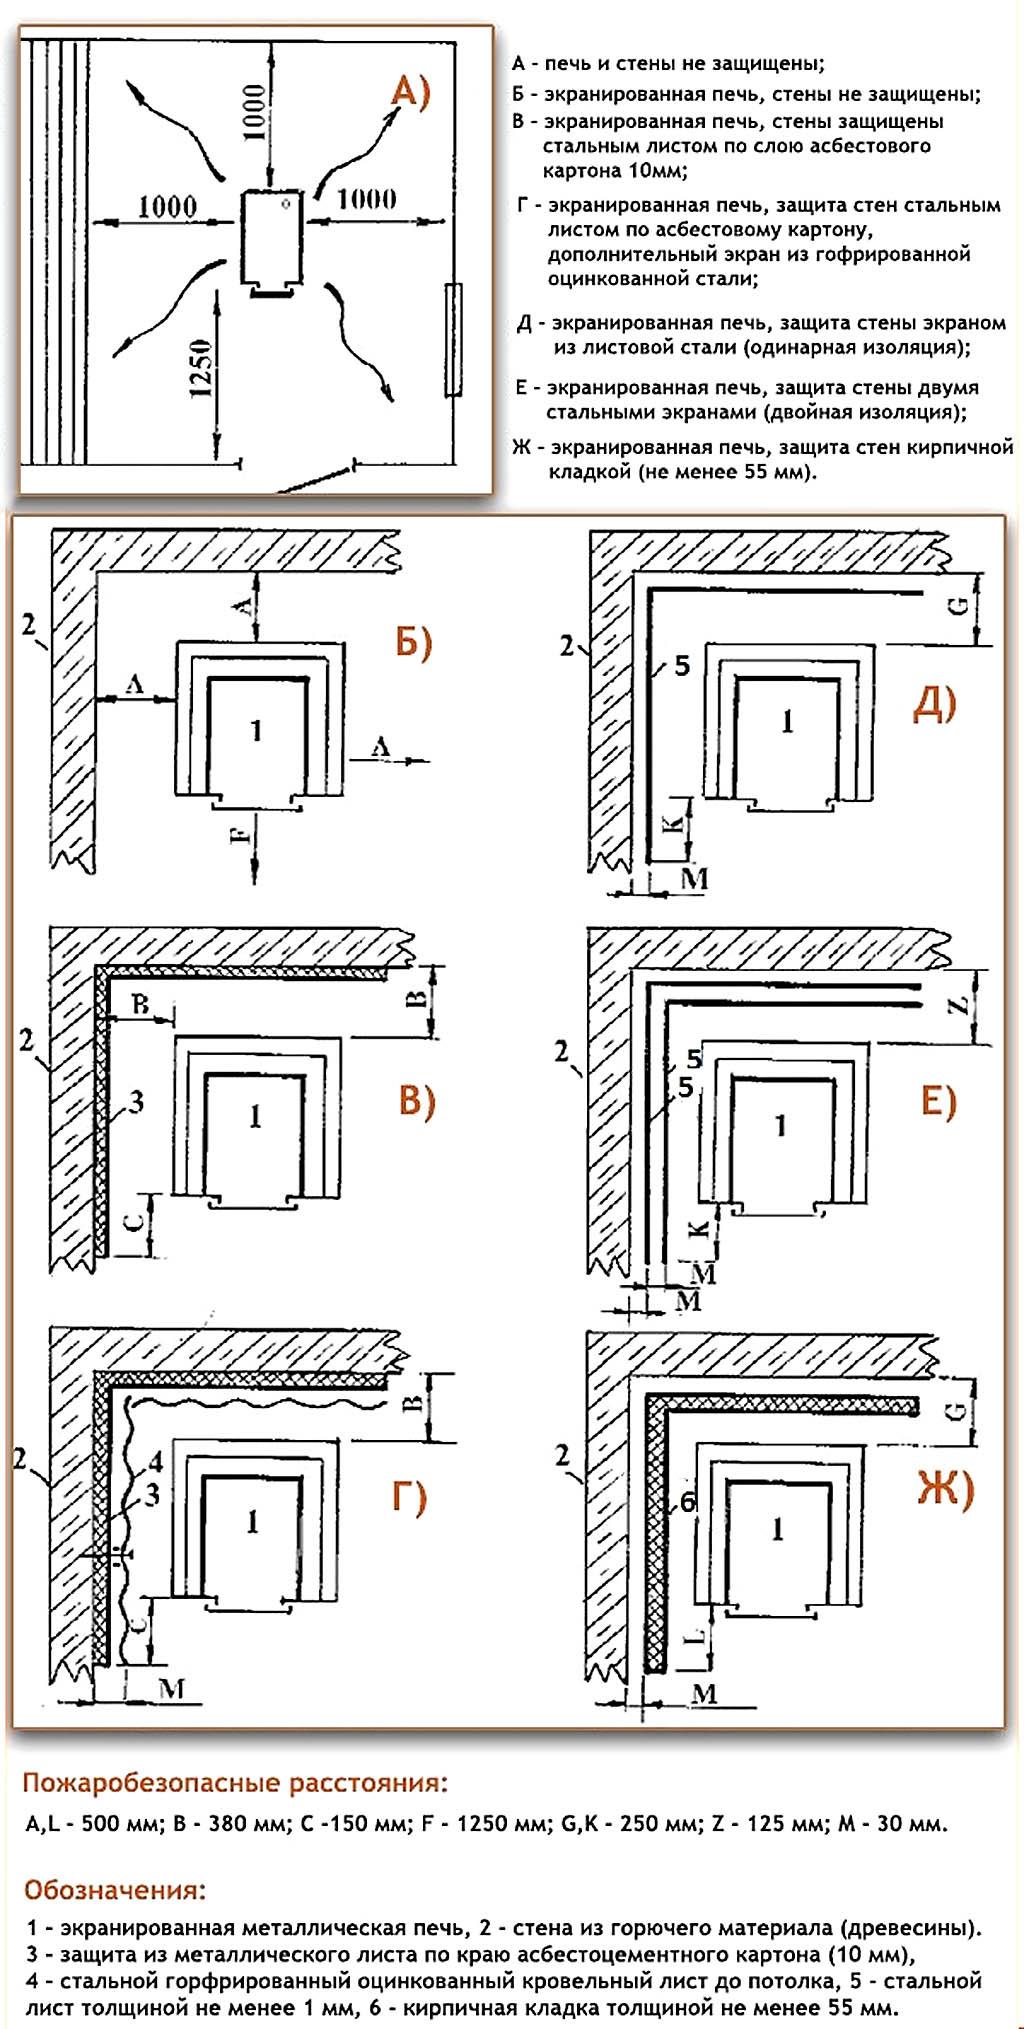 Схемы установки металлических печей по правилам пожарной безопасности